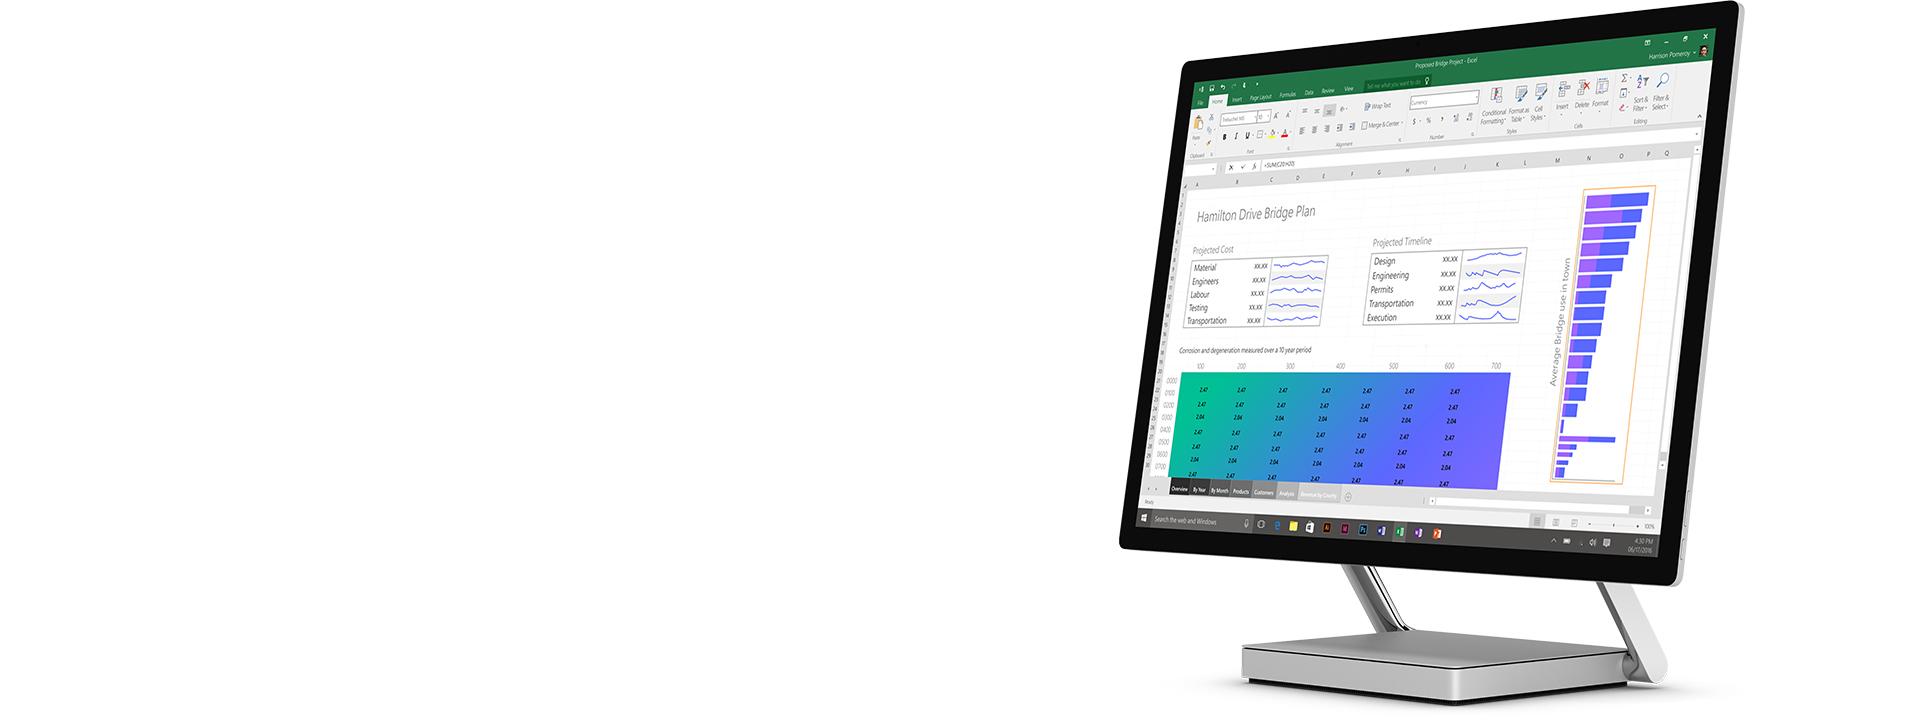 Surface Studio en mode ordinateur de bureau avec feuille Excel ouverte à l'écran